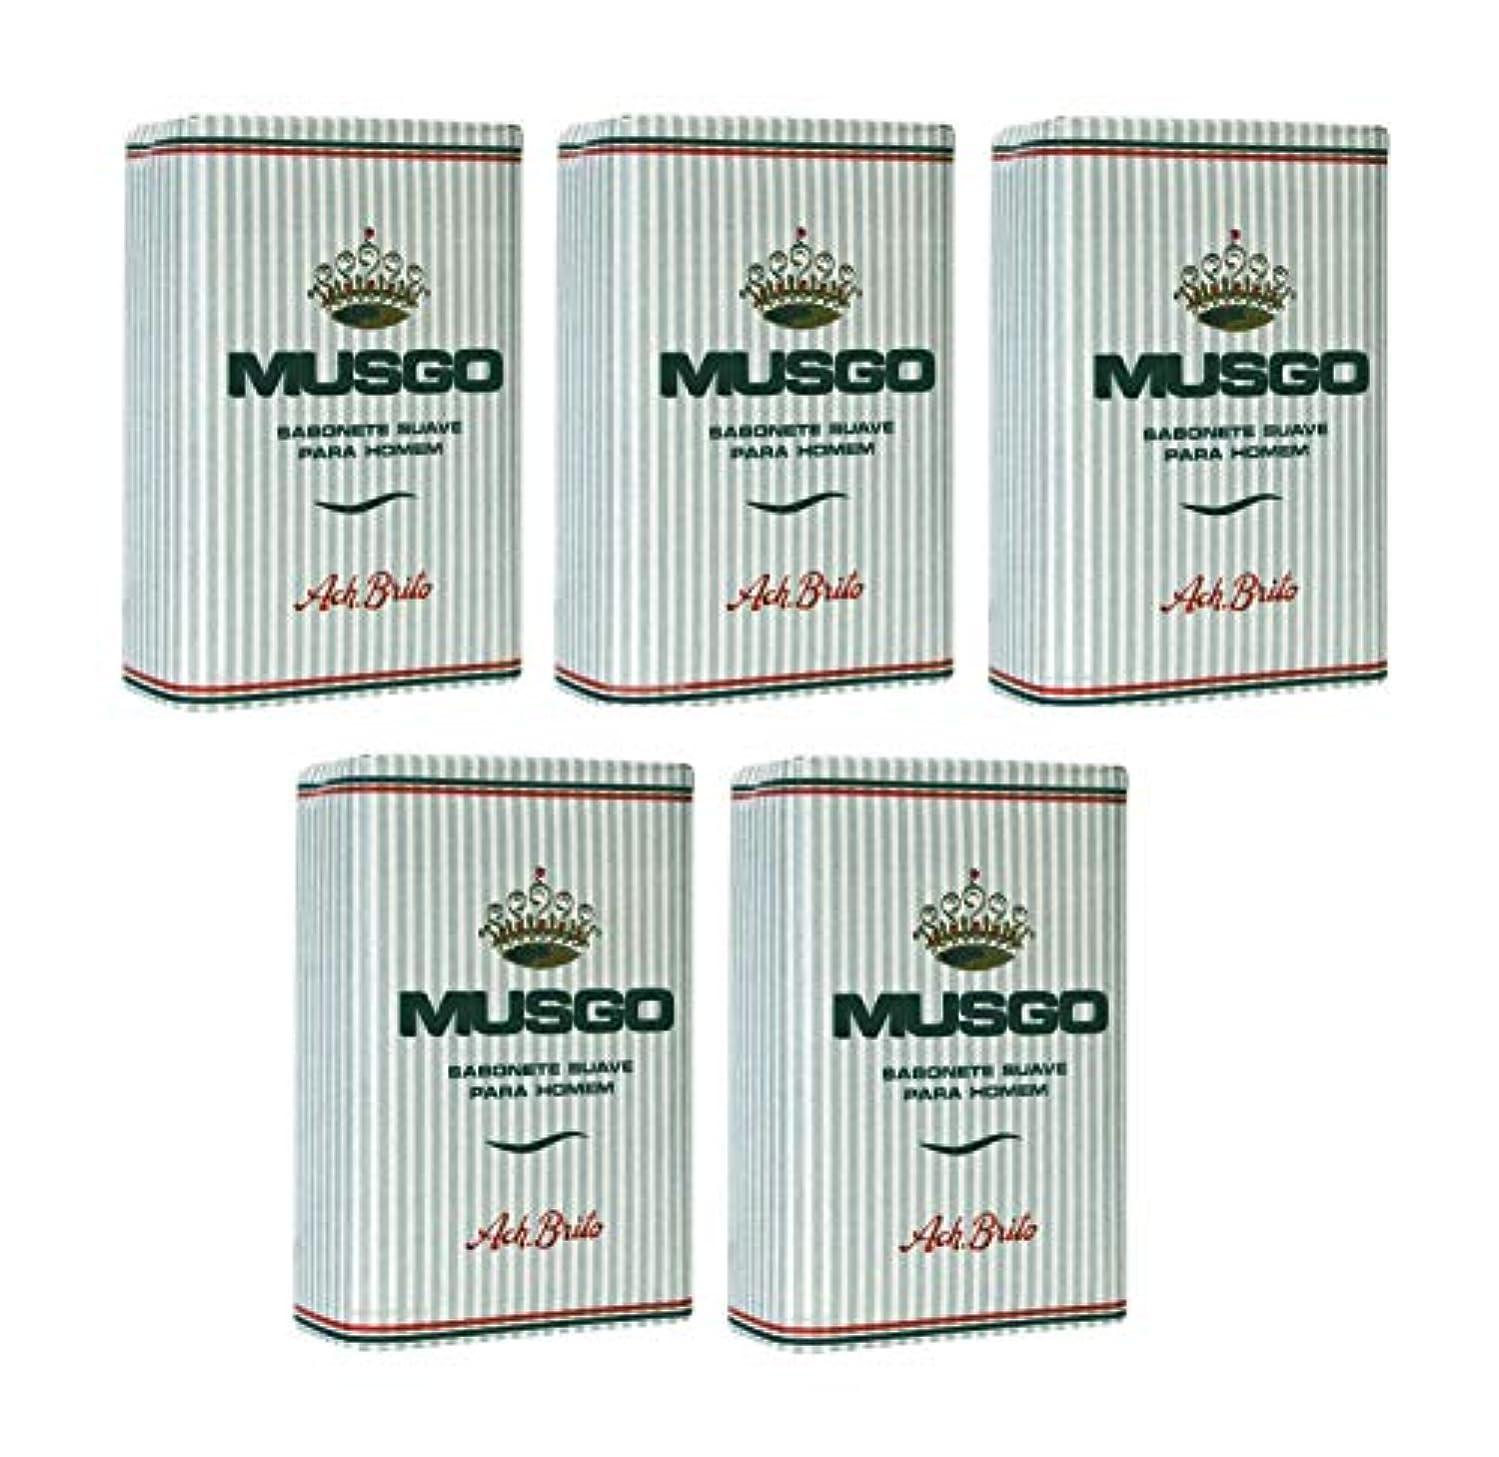 アトミックビタミン行為Musgo Real Body Soap 「ロイヤルモス」 ボディソープバー 160g x 5個 [並行輸入品]